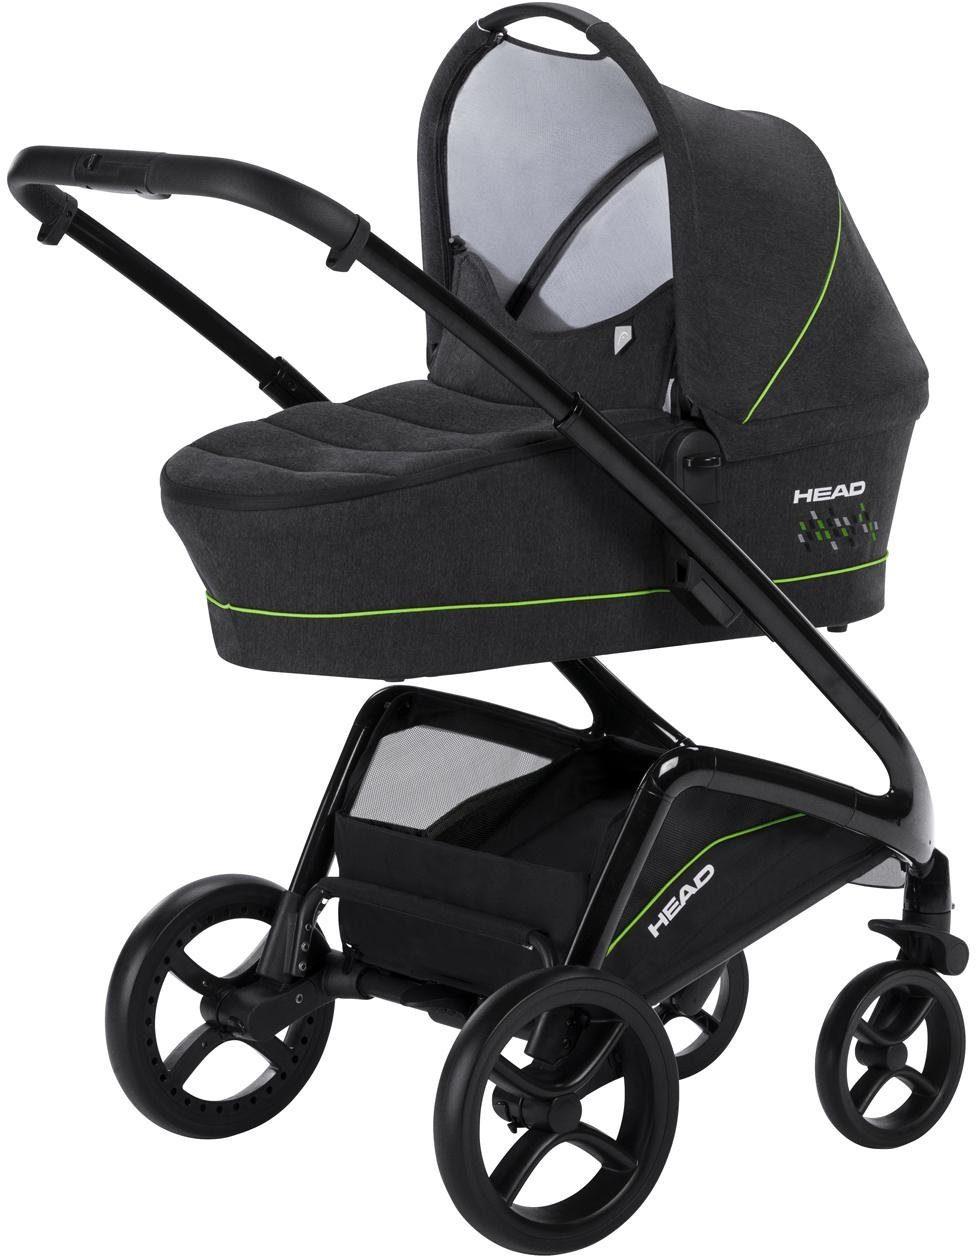 knorr-baby Kombi-Kinderwagen Set, »HEAD, darkgrey-green«